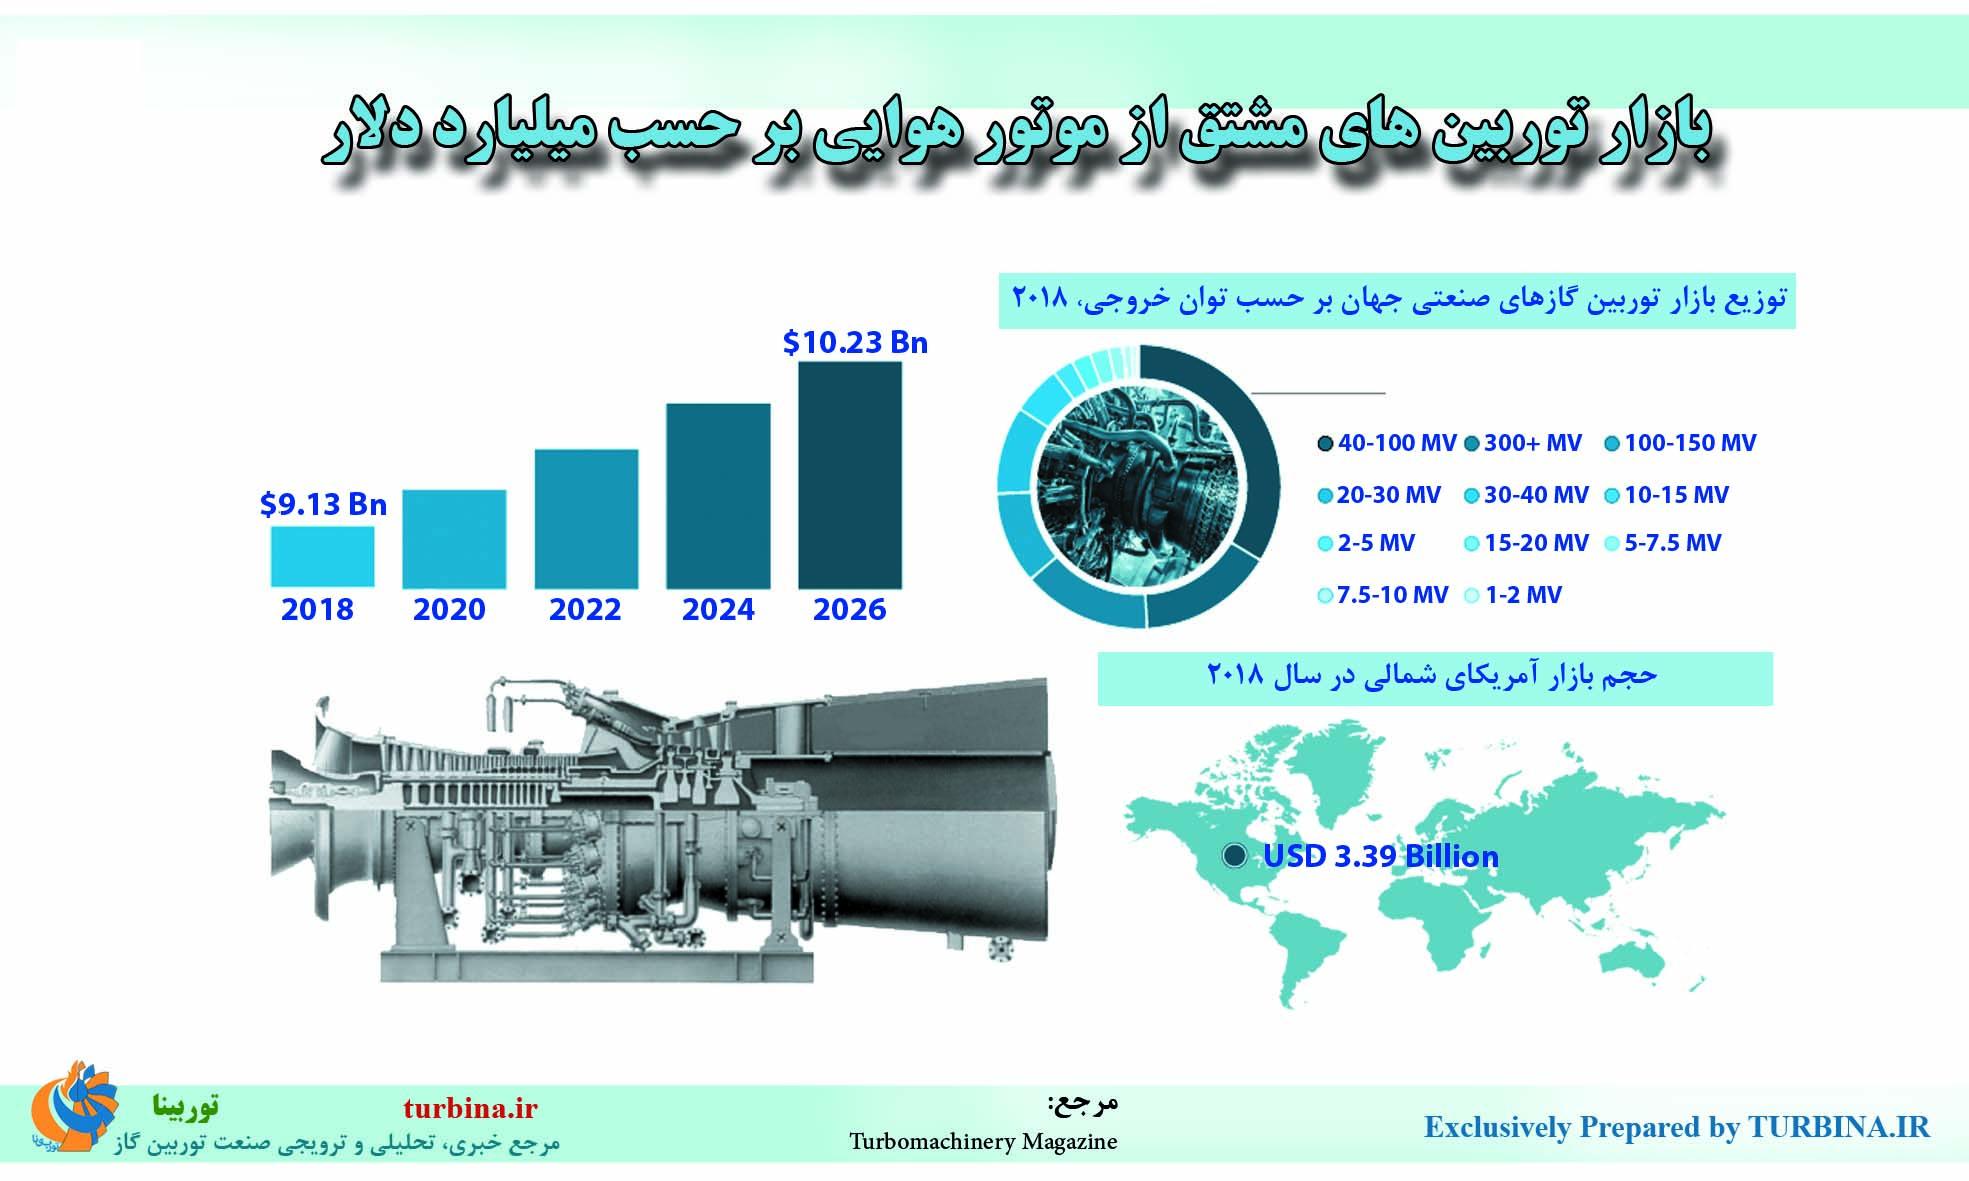 بازار توربینهای مشتق از موتور هوایی بر حسب میلیارد دلار